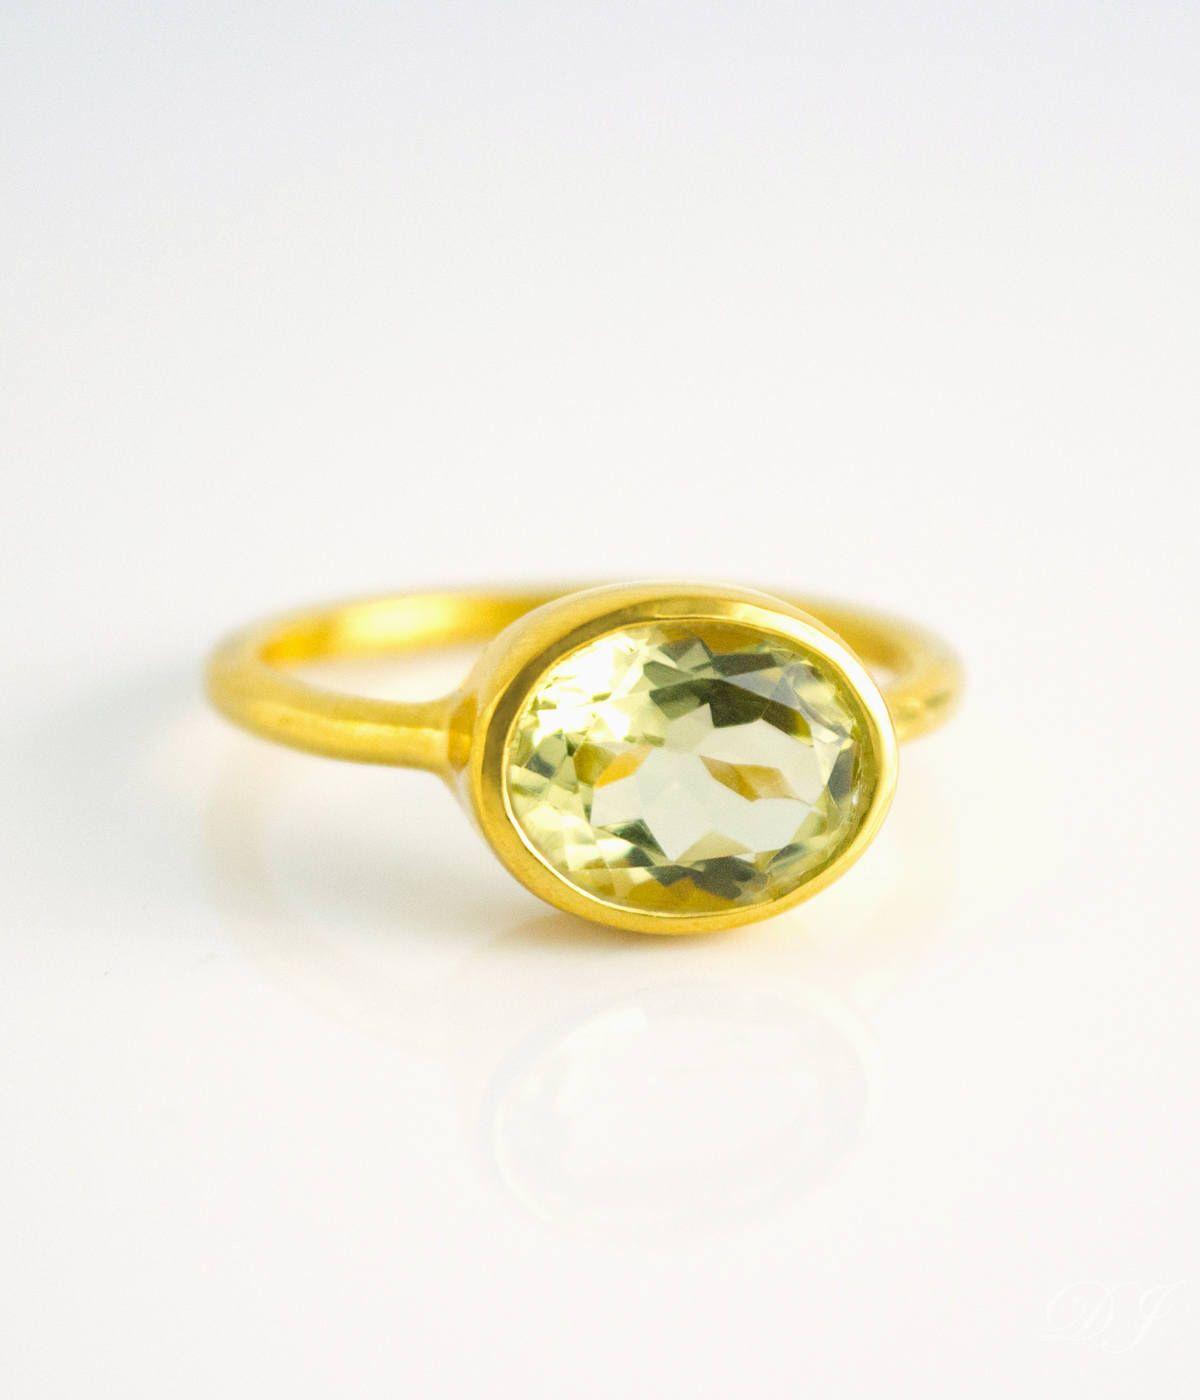 Lemon Quartz ring, oval ring, gemstone ring, lisa eldridge rings ...